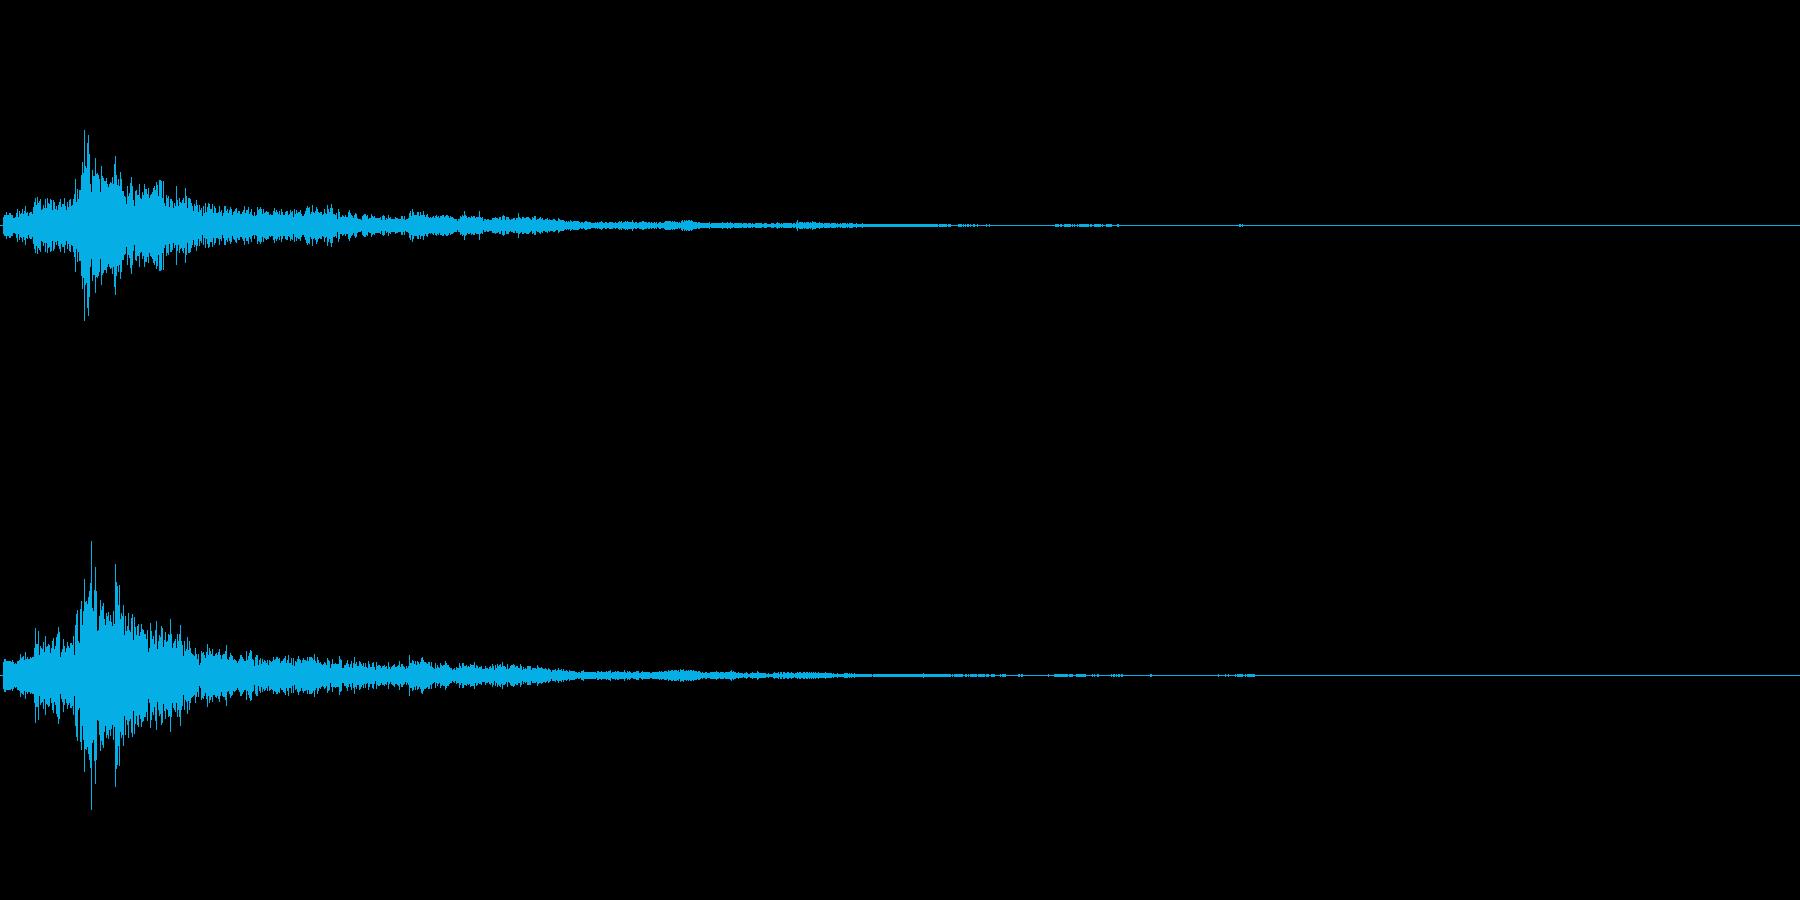 シャン(クリスマス・鈴の音)の再生済みの波形